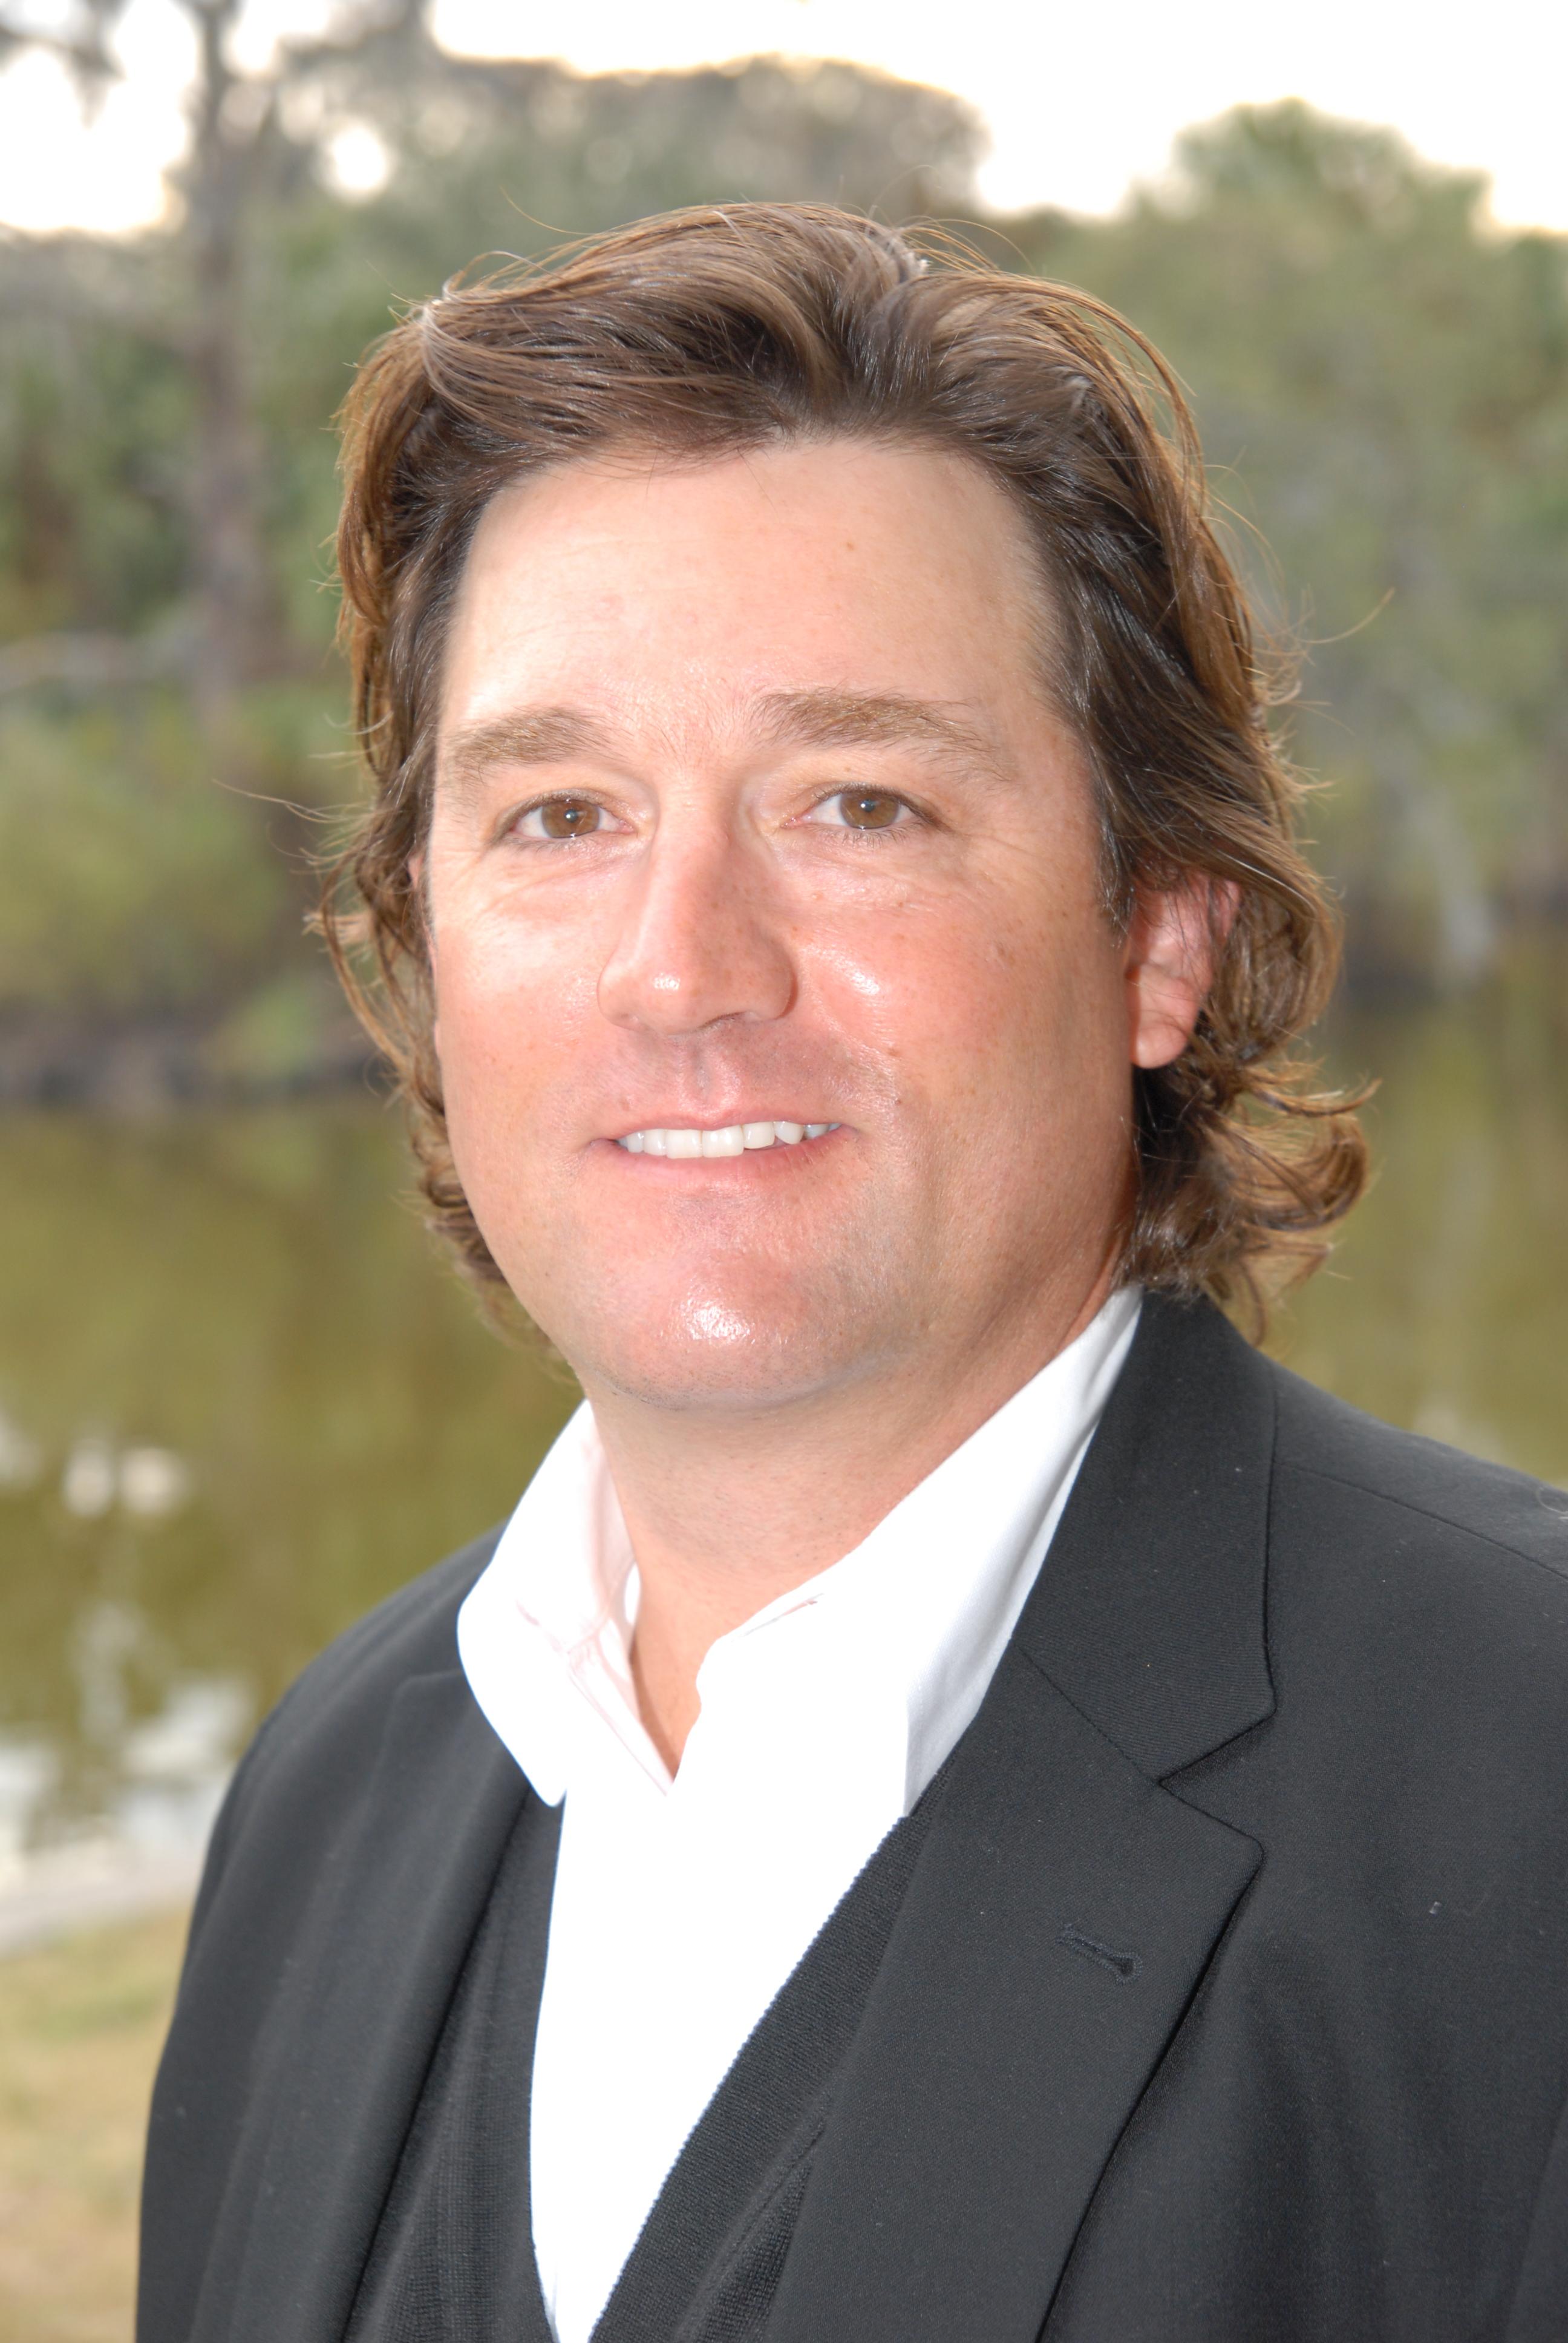 David Jansen, MD